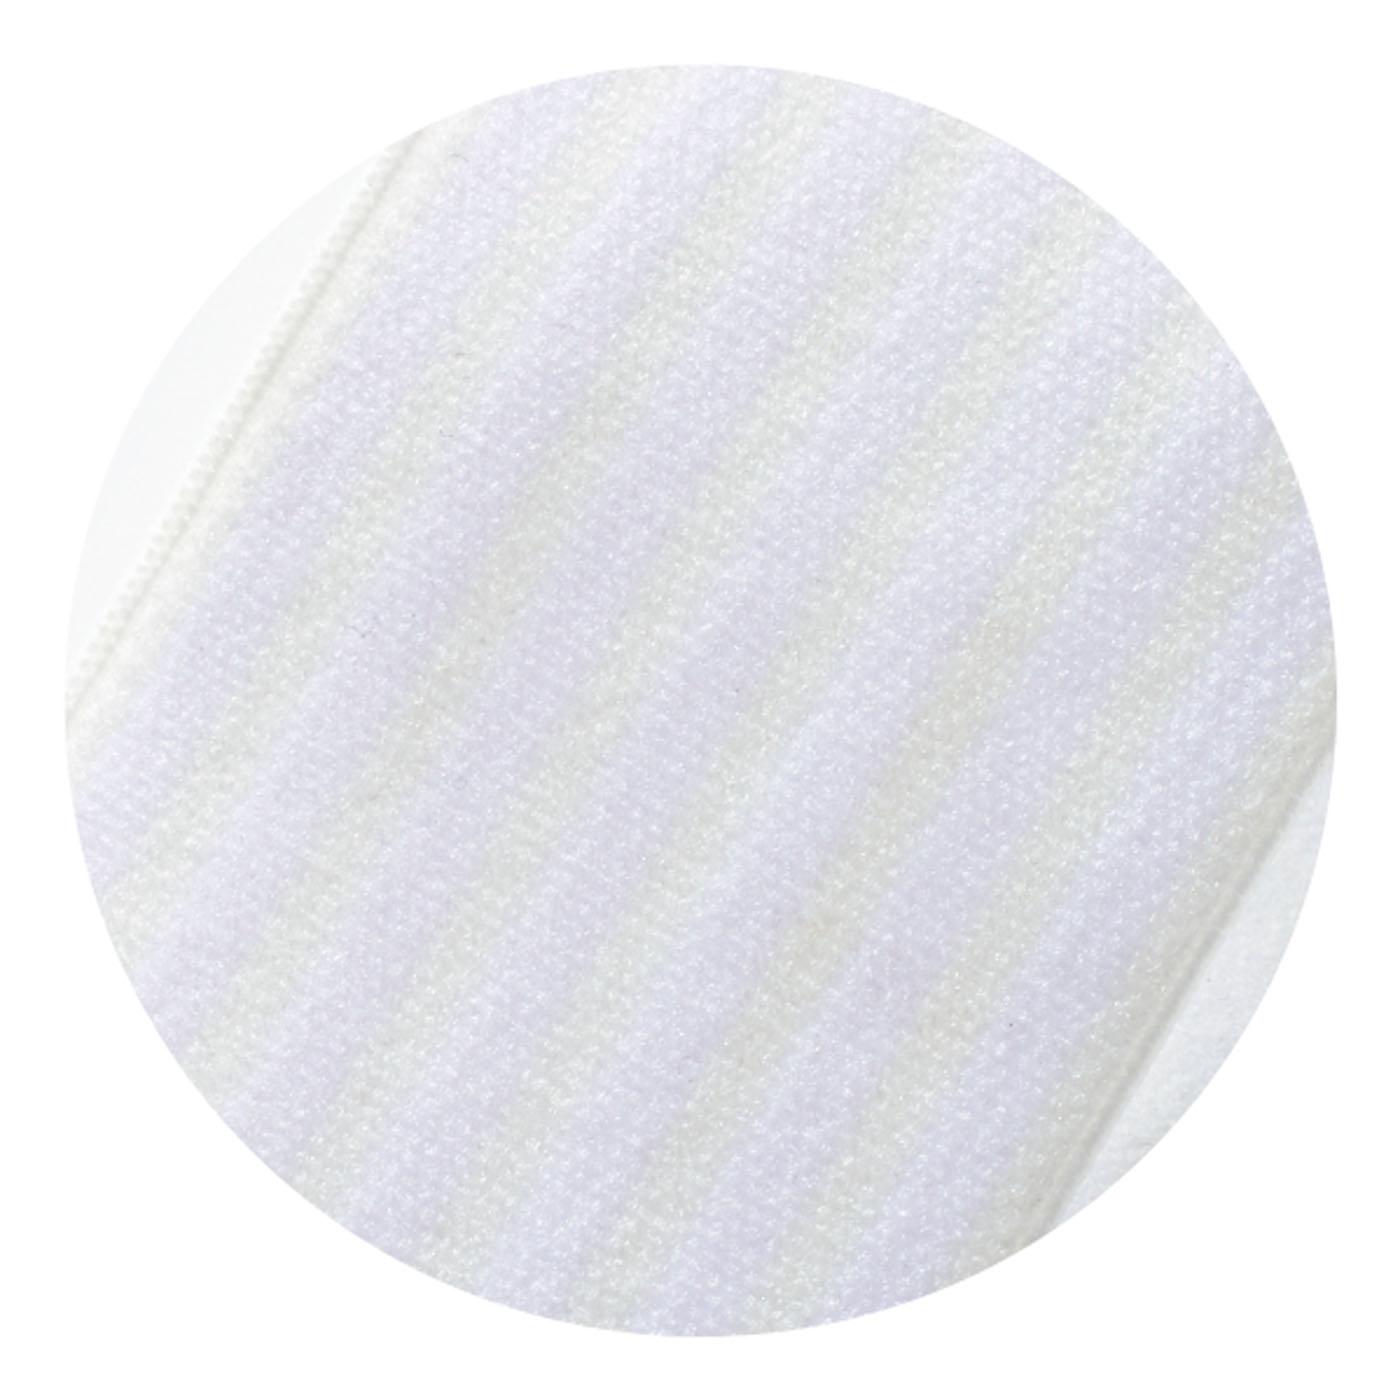 ホワイトのストラップはよく見るとさり気ないストライプ柄。